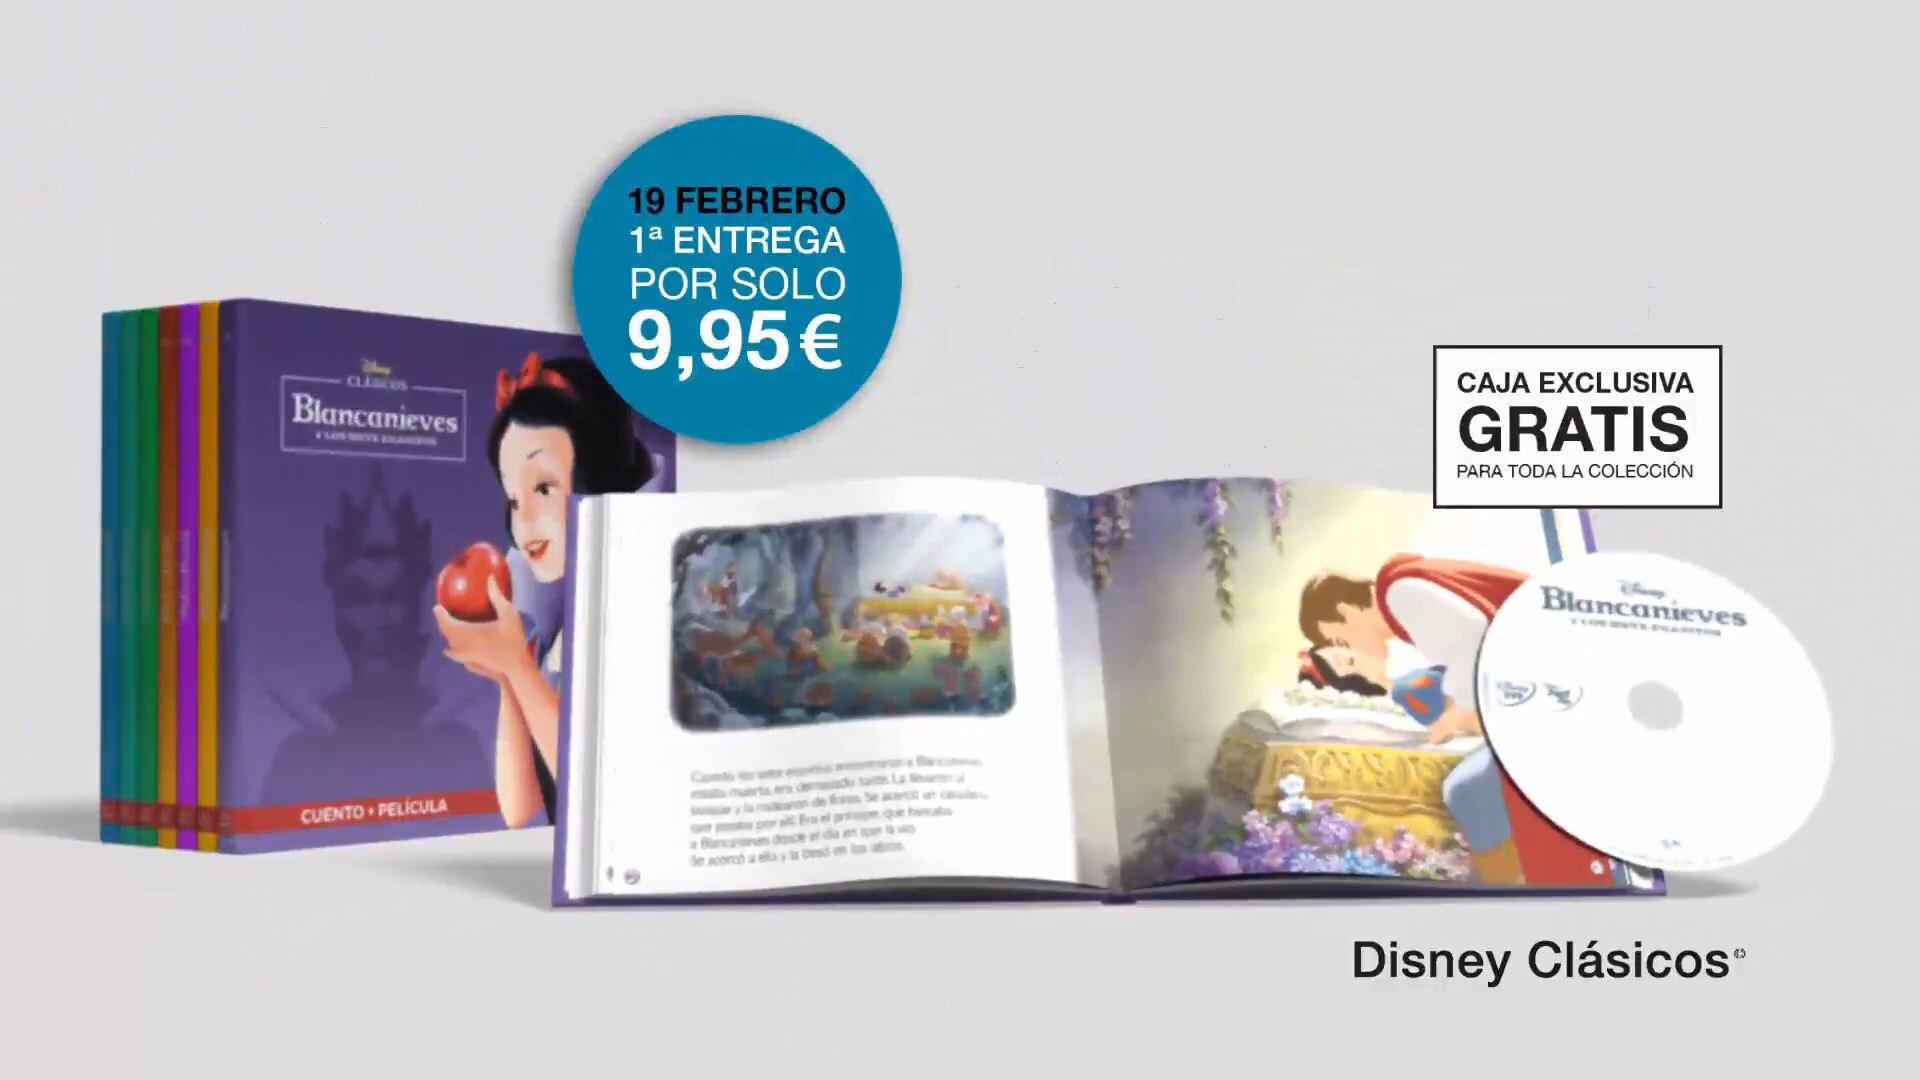 El País – Disney Clásicos